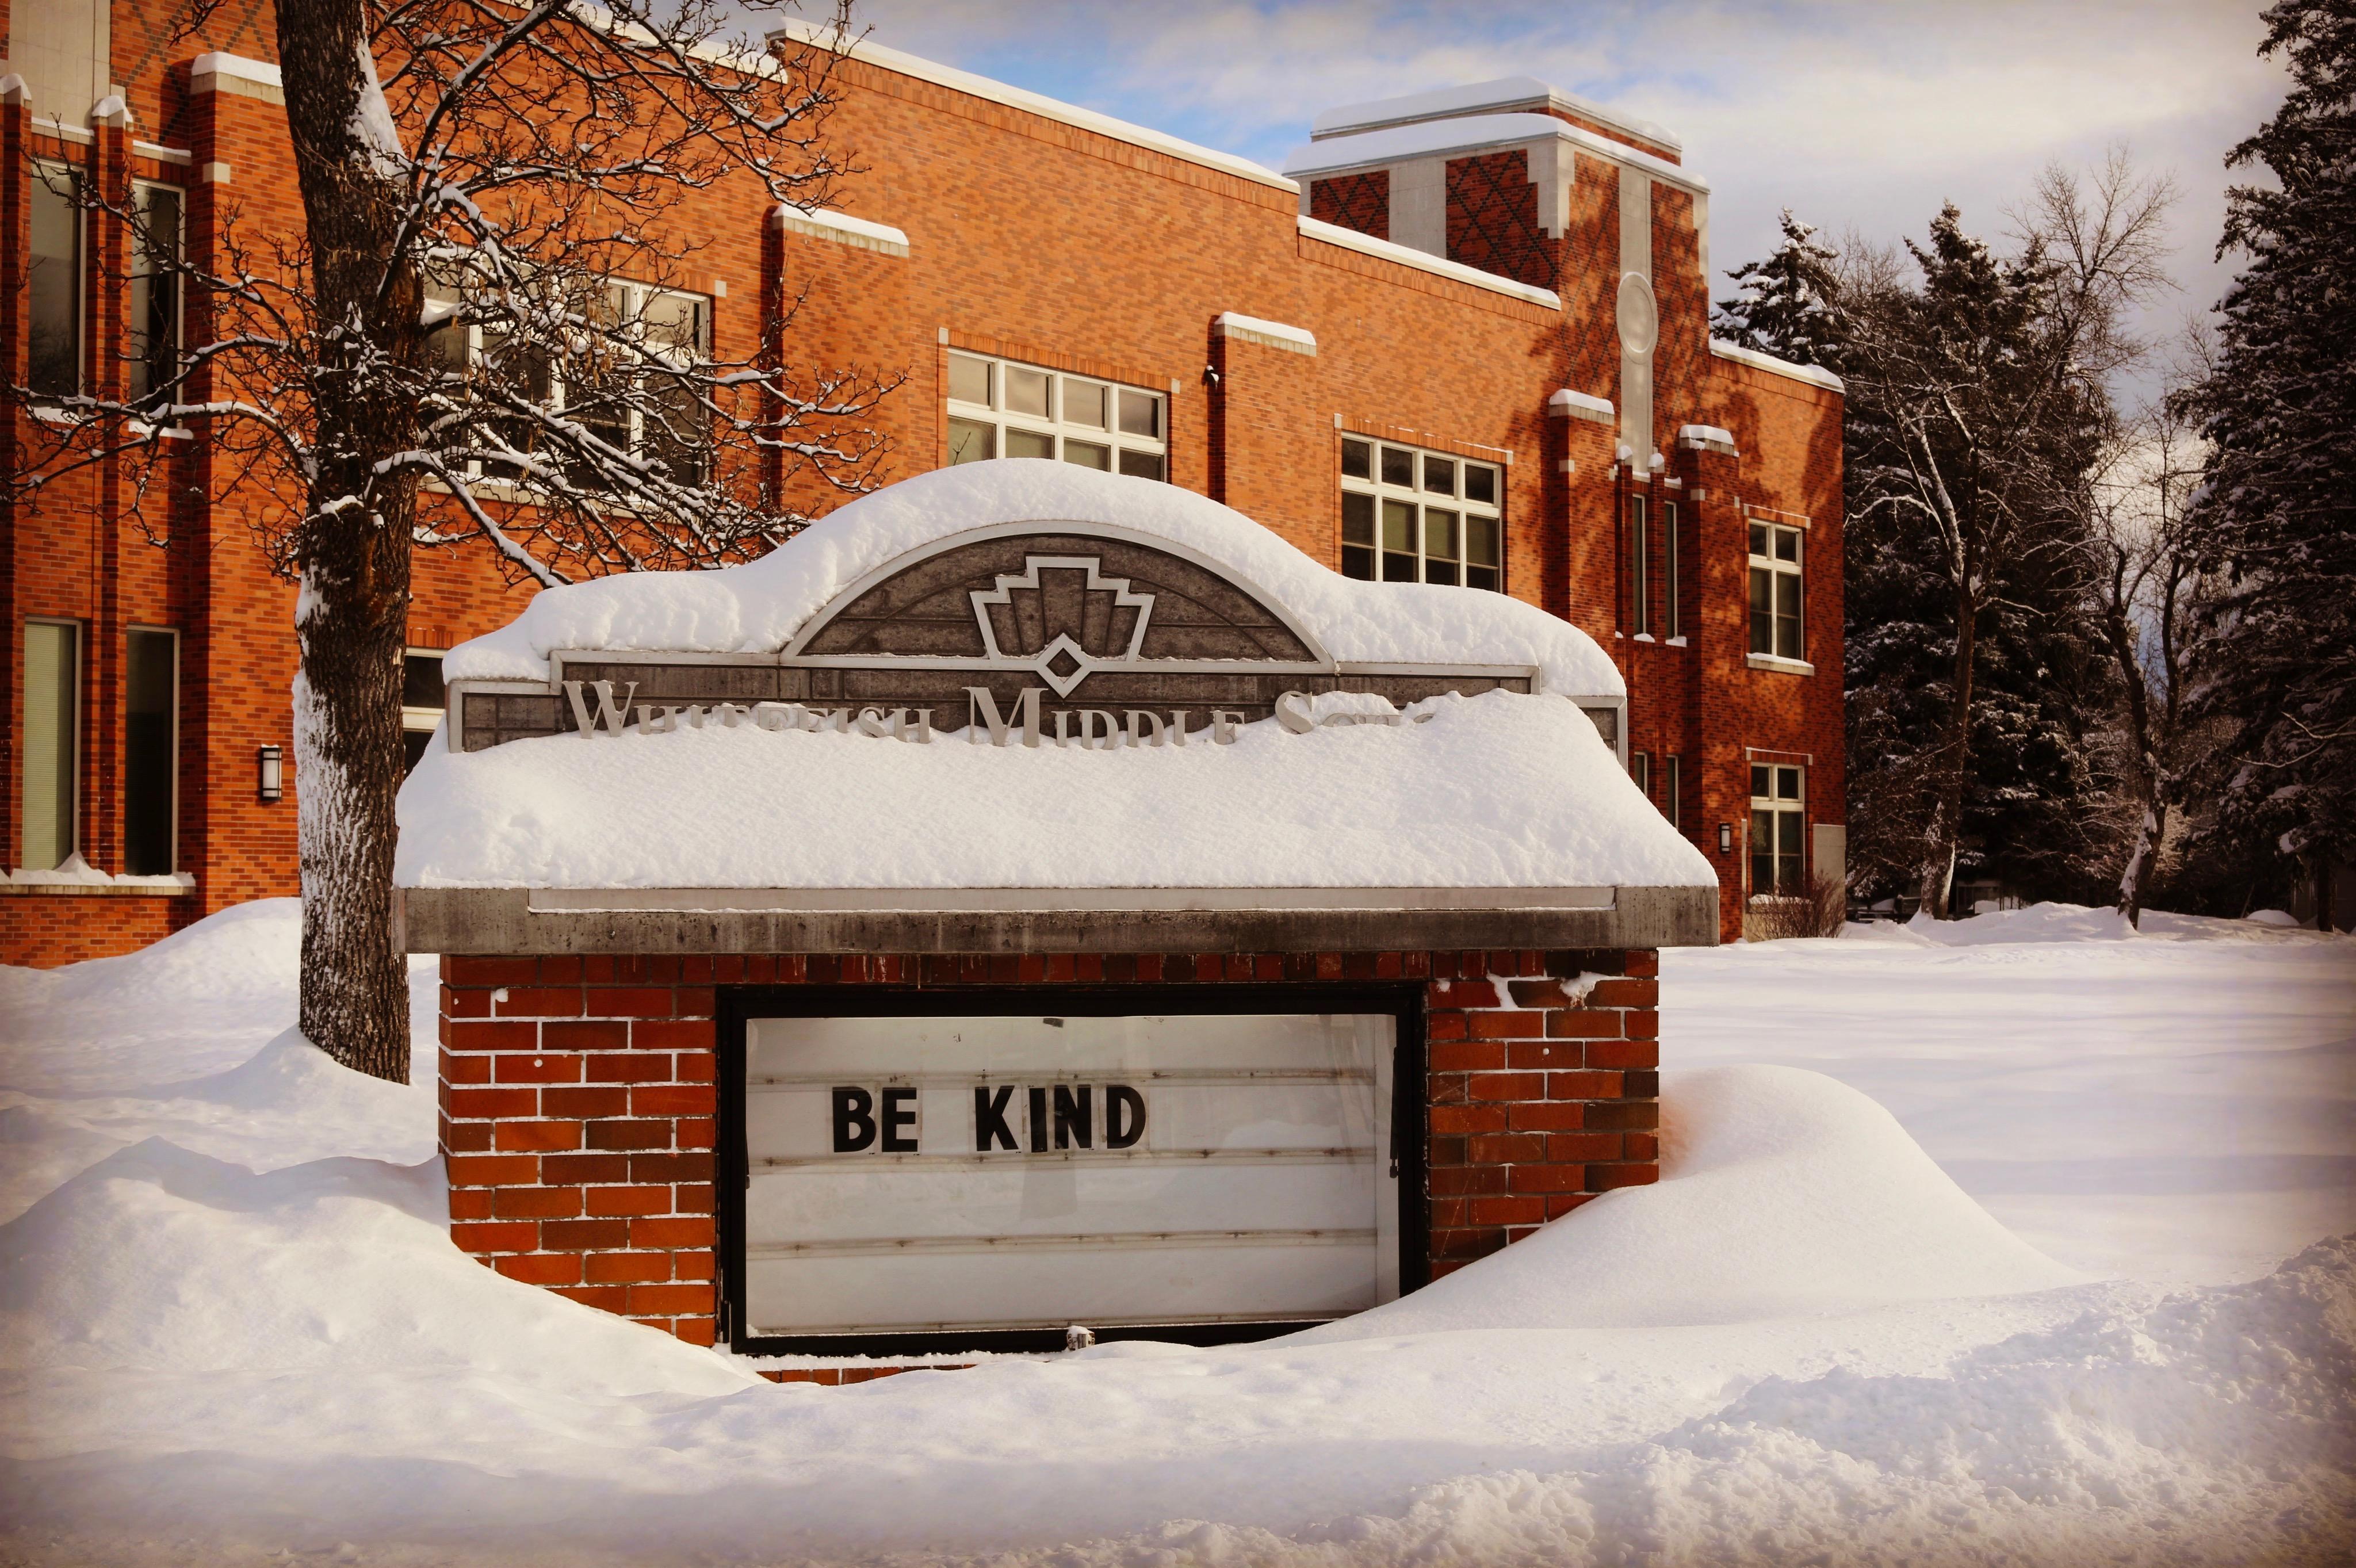 Whitefish Middle School // Photo: Brian Schott